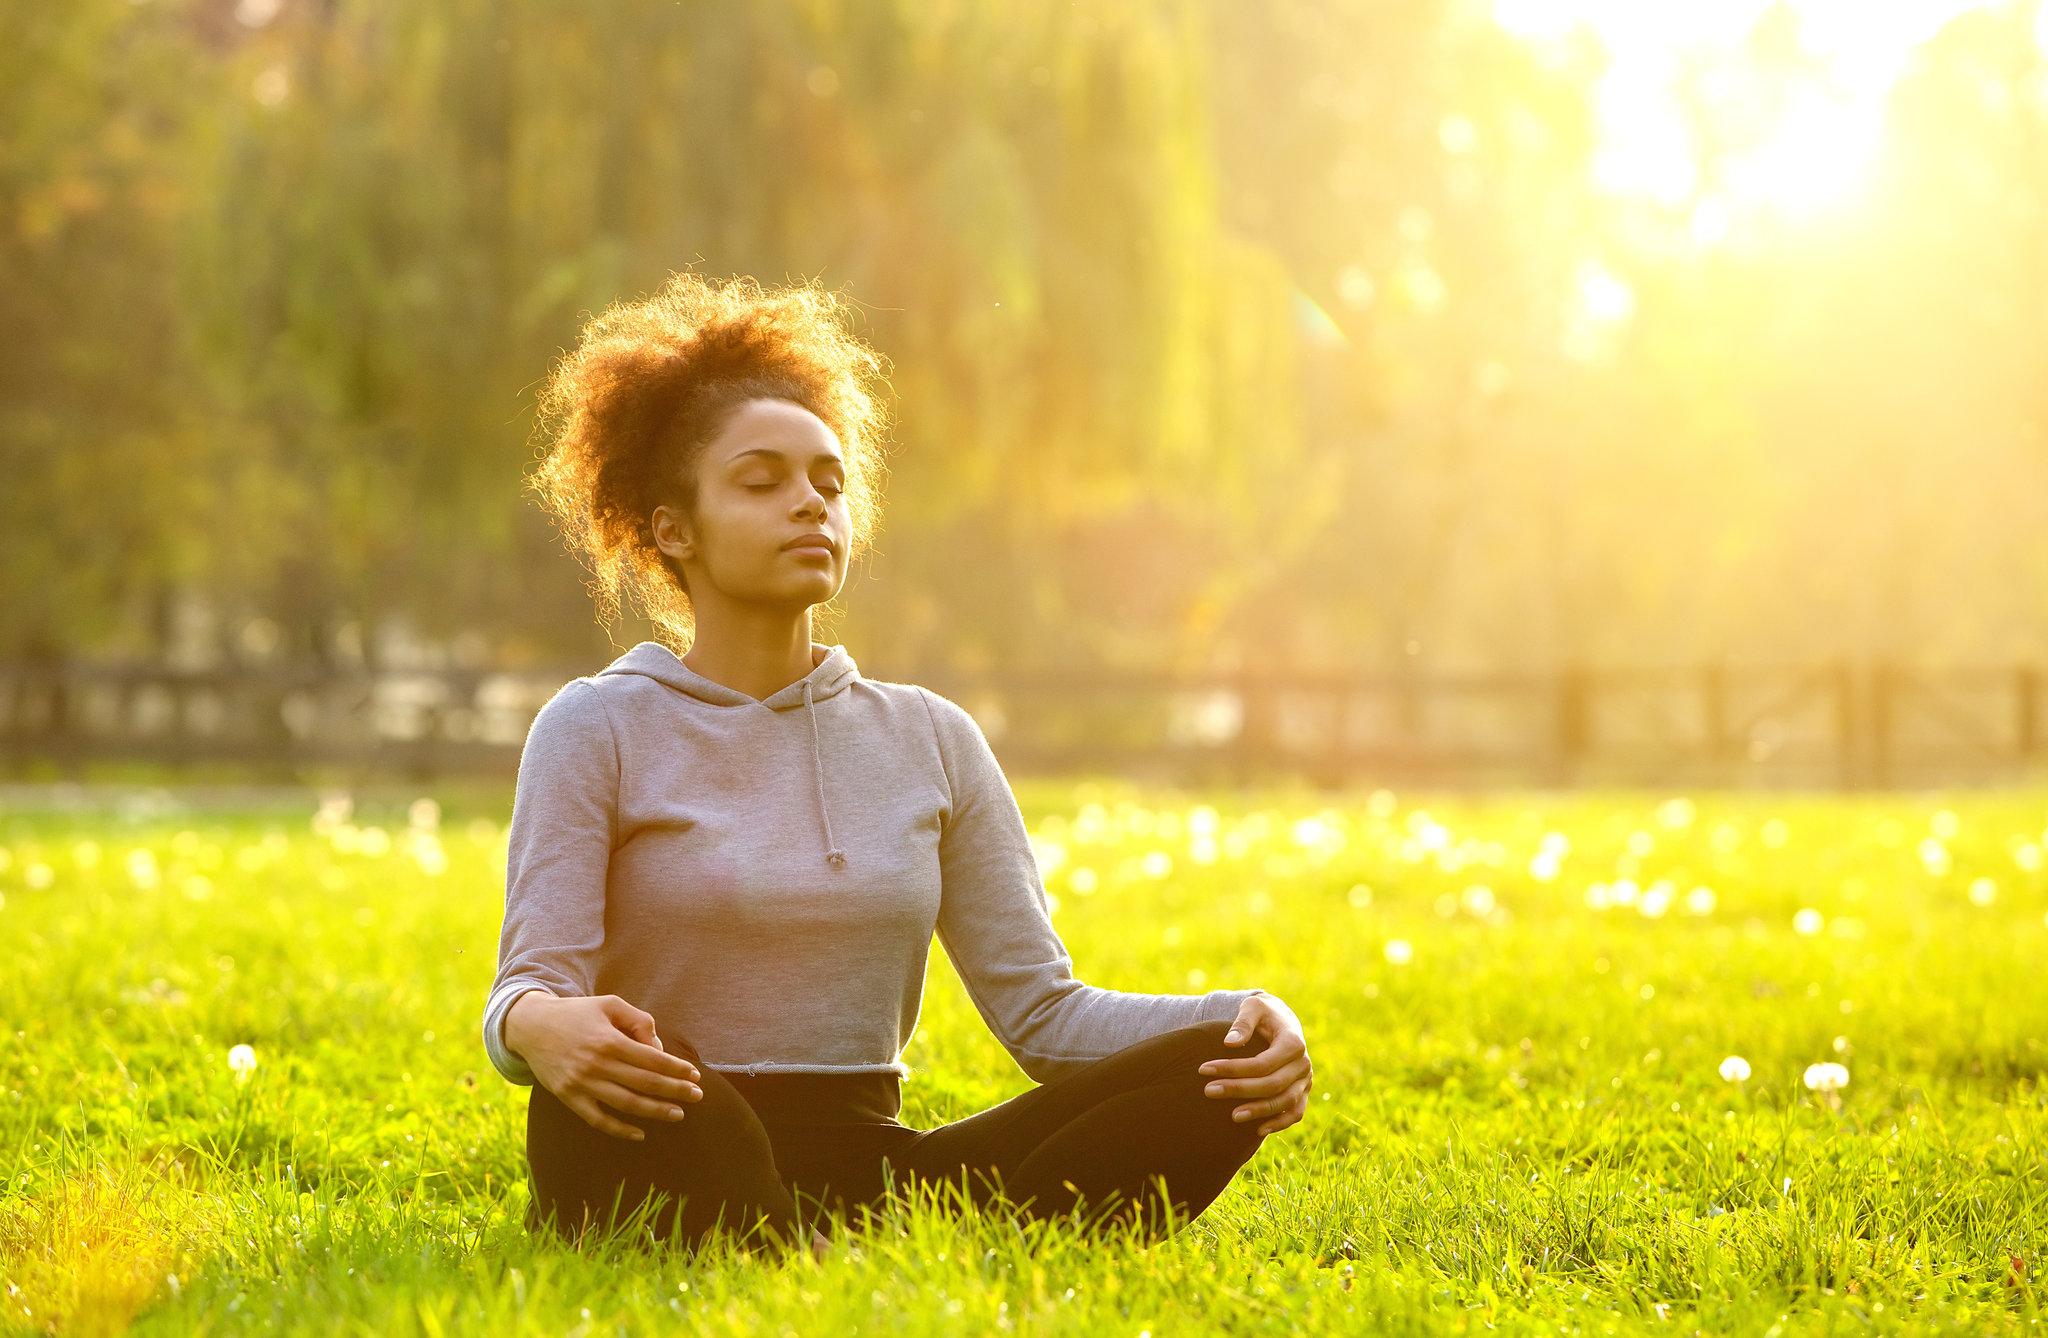 ઊંડાં શ્વાસ લેવાથી 48 કલાકમાં શરીરને આ 5 ફાયદાઓ થાય છે, ઈમ્યુનિટી વધે છે અને ઝેરી તત્ત્વો ઘટે છે|હેલ્થ,Health - Divya Bhaskar